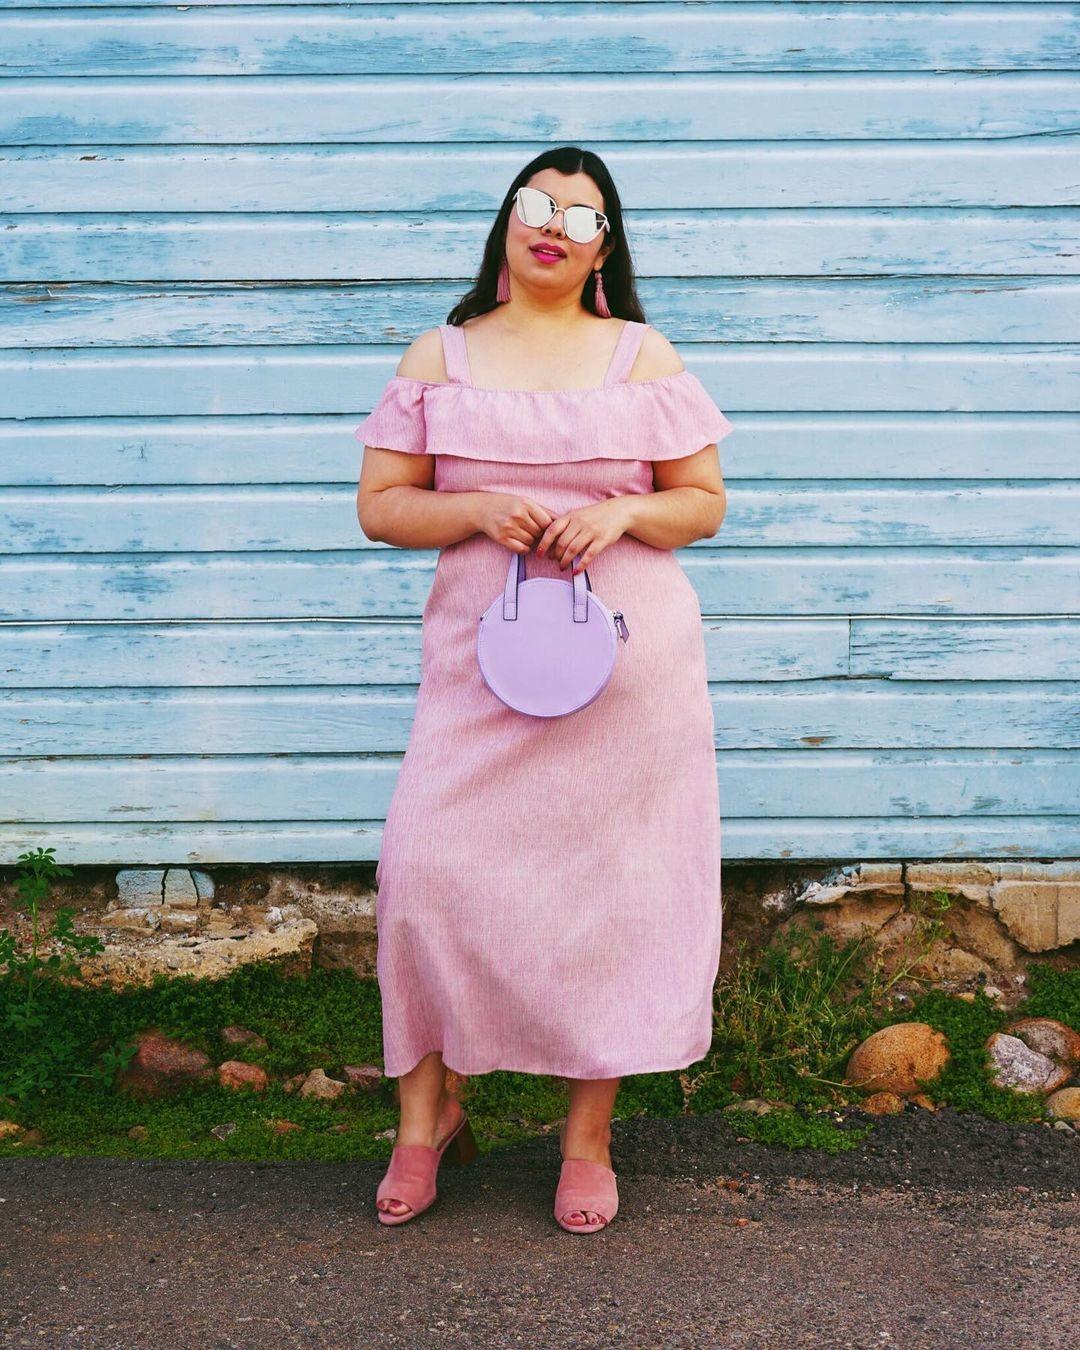 Как полным девушкам нарядиться выигрышно для свидания – 5 хитростей стилиста